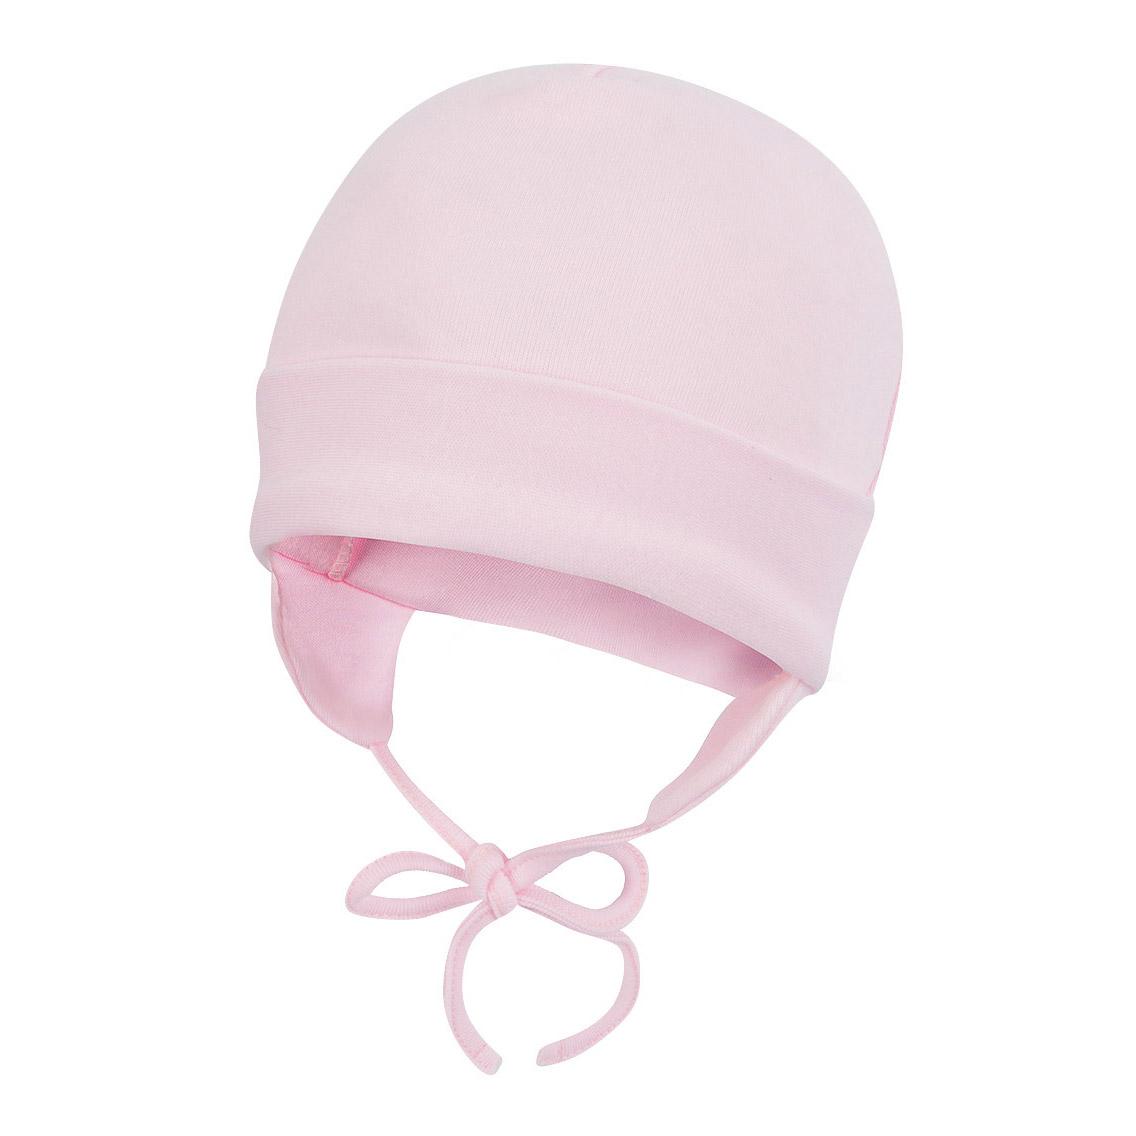 Купить Шапочка Lucky Child со шнурочками Ангелочки розовая 40, Розовый, Интерлок, Осень-Зима, Одежда для новорожденных